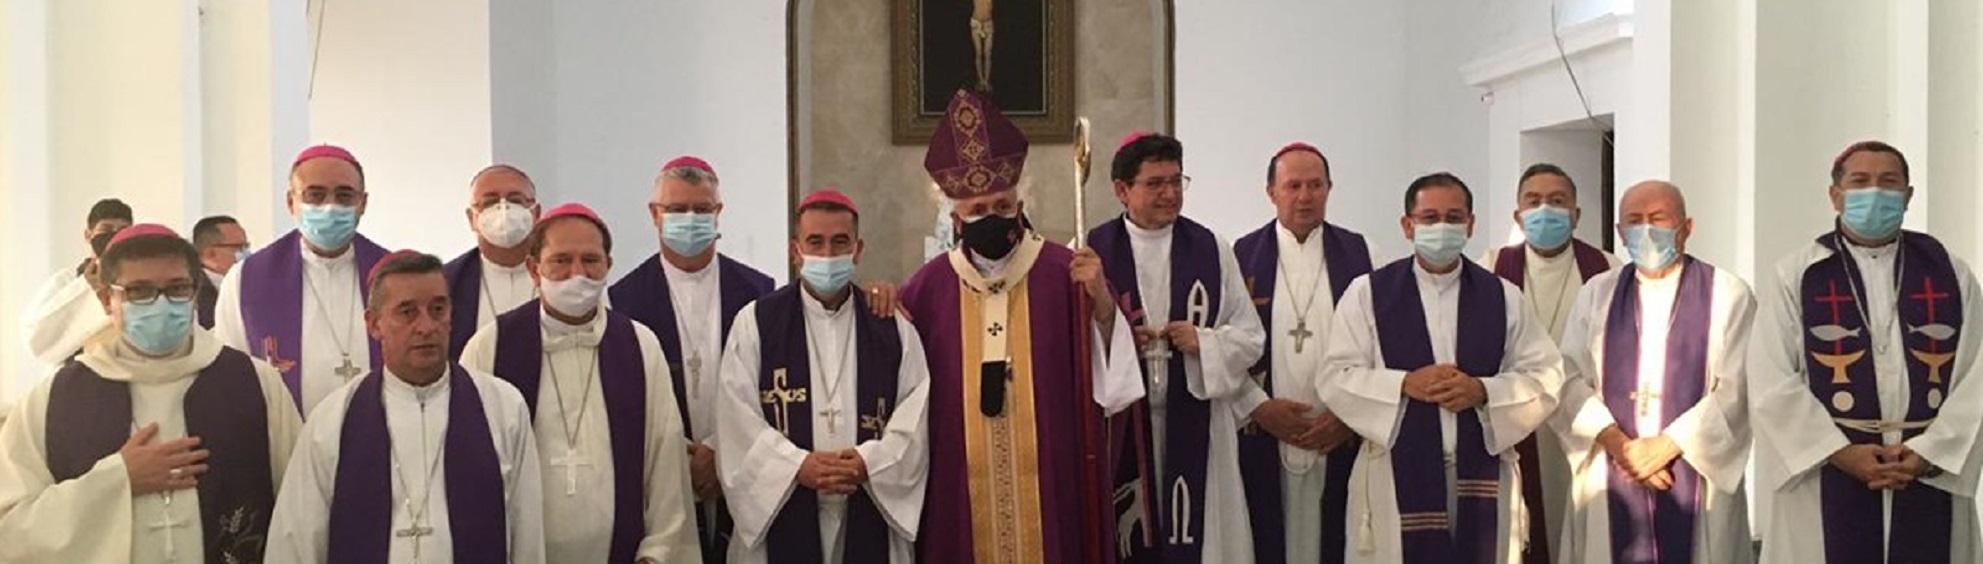 Conferencia Episcopal de Colombia rechaza el recrudecimiento de la violencia en el Pacífico colombiano. Foto: Conferencia Episcopal Colombia.